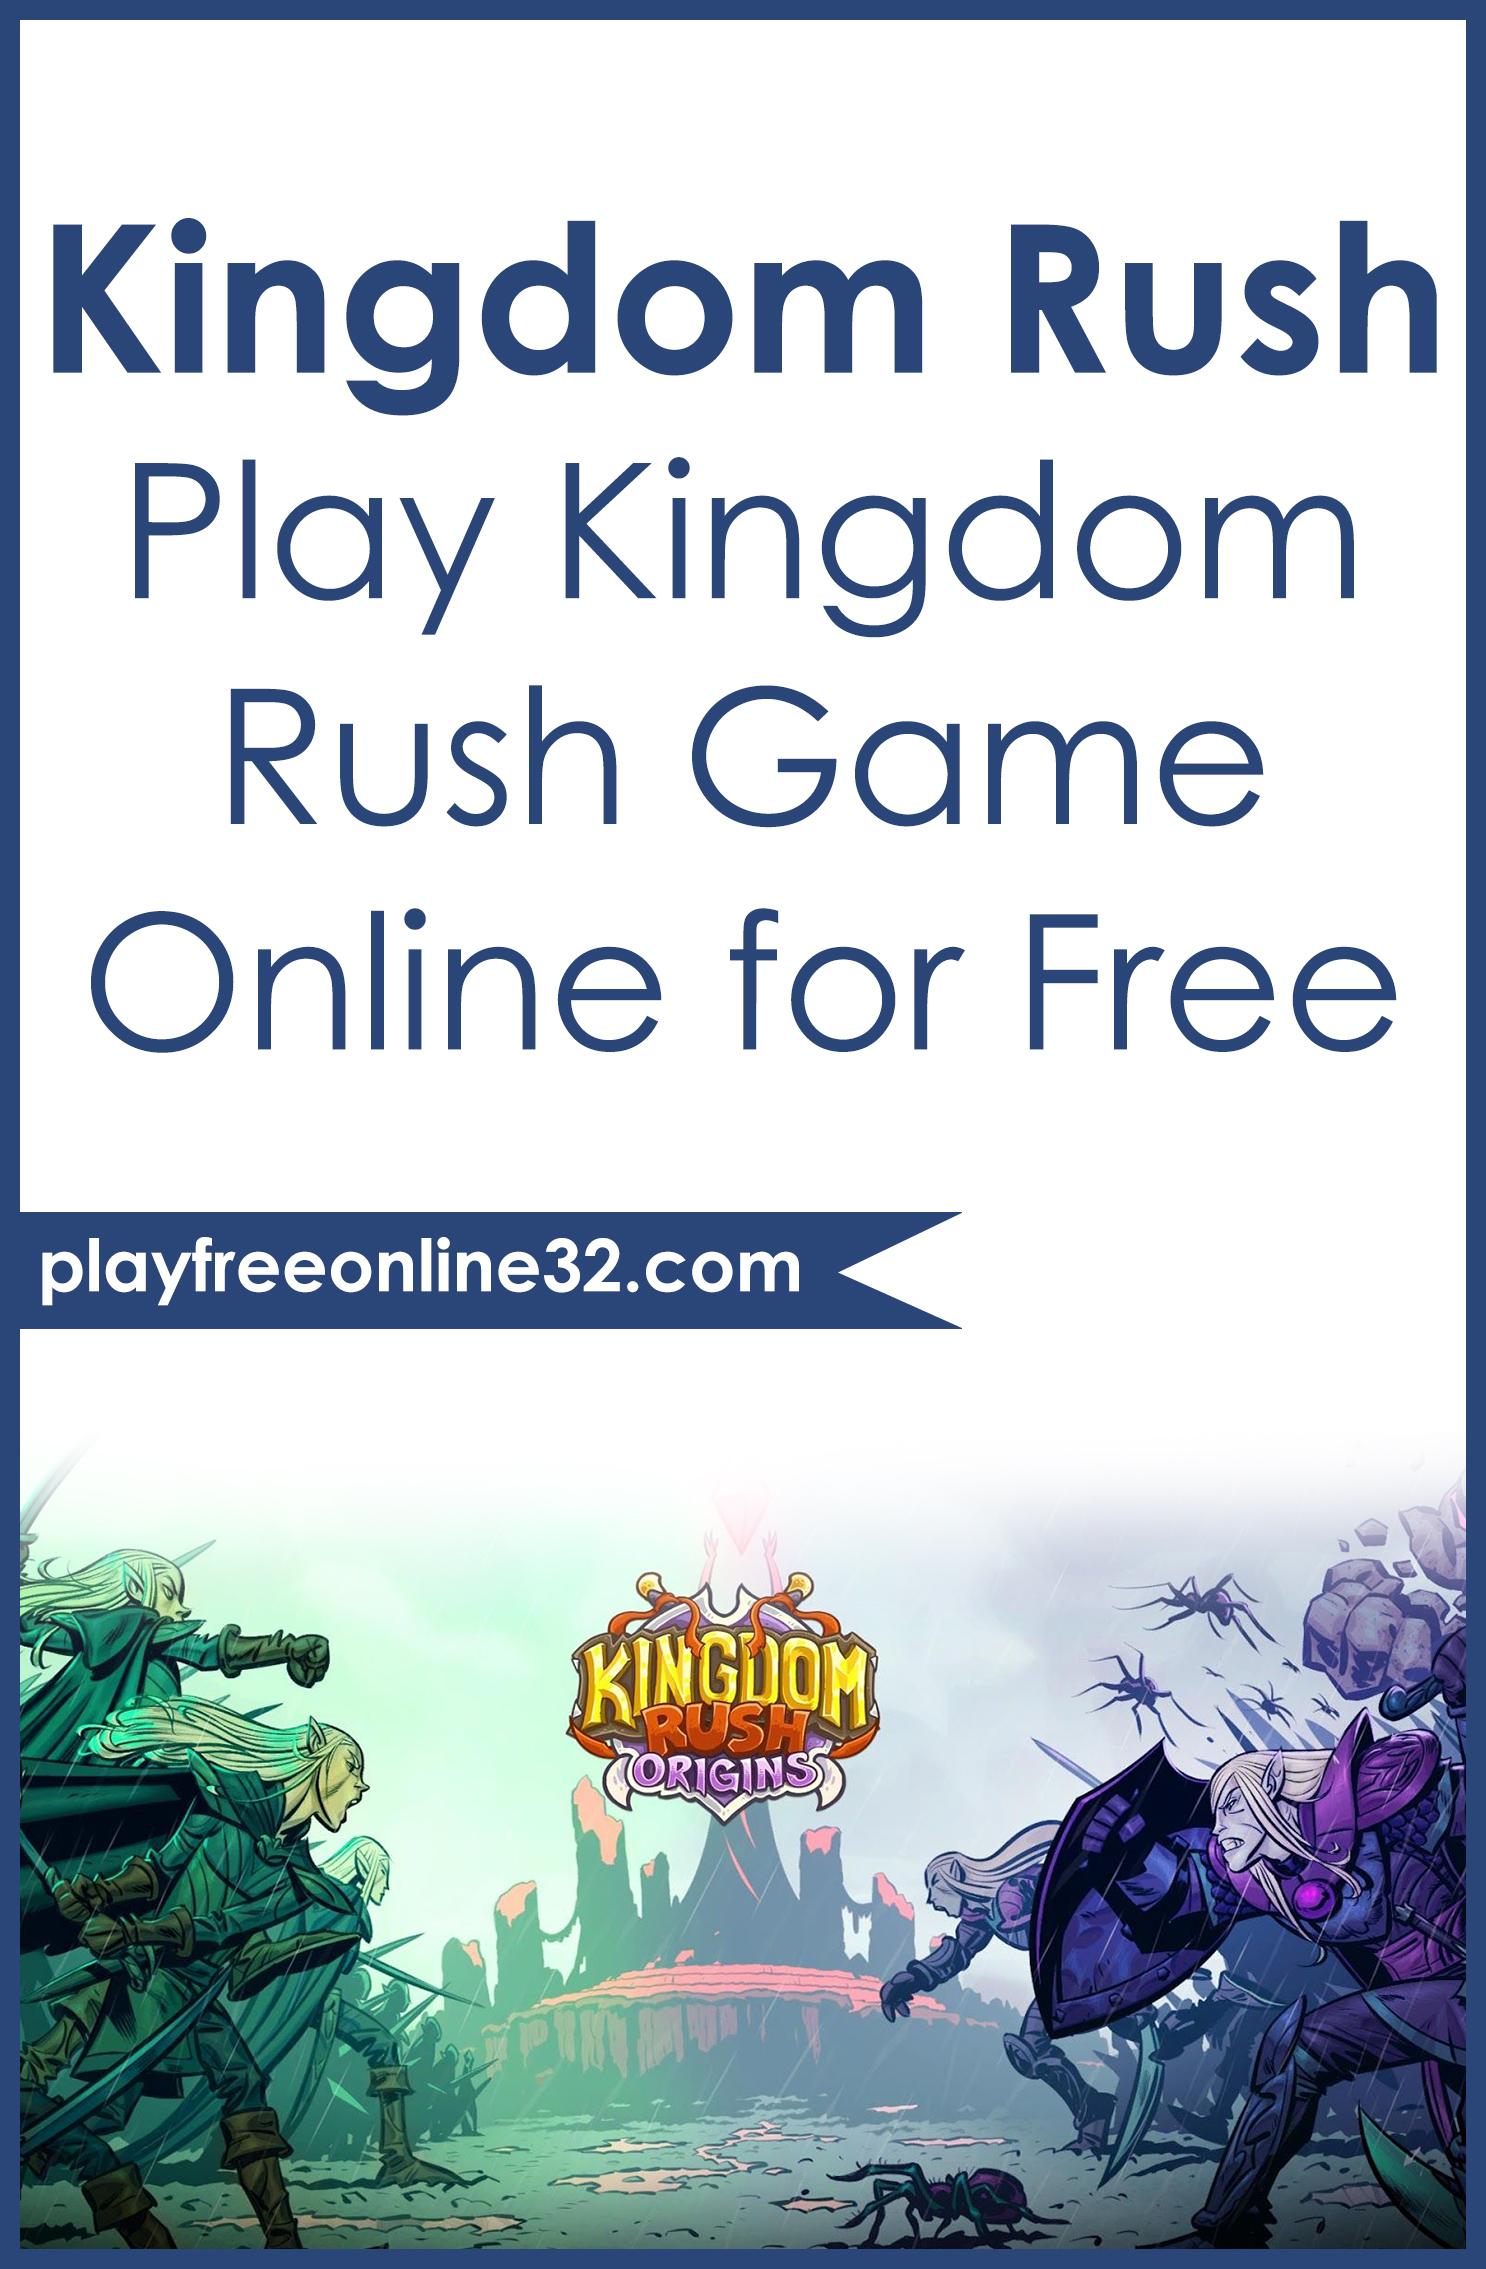 Kingdom Rush • Play Kingdom Rush Game Online for Free Pinterest